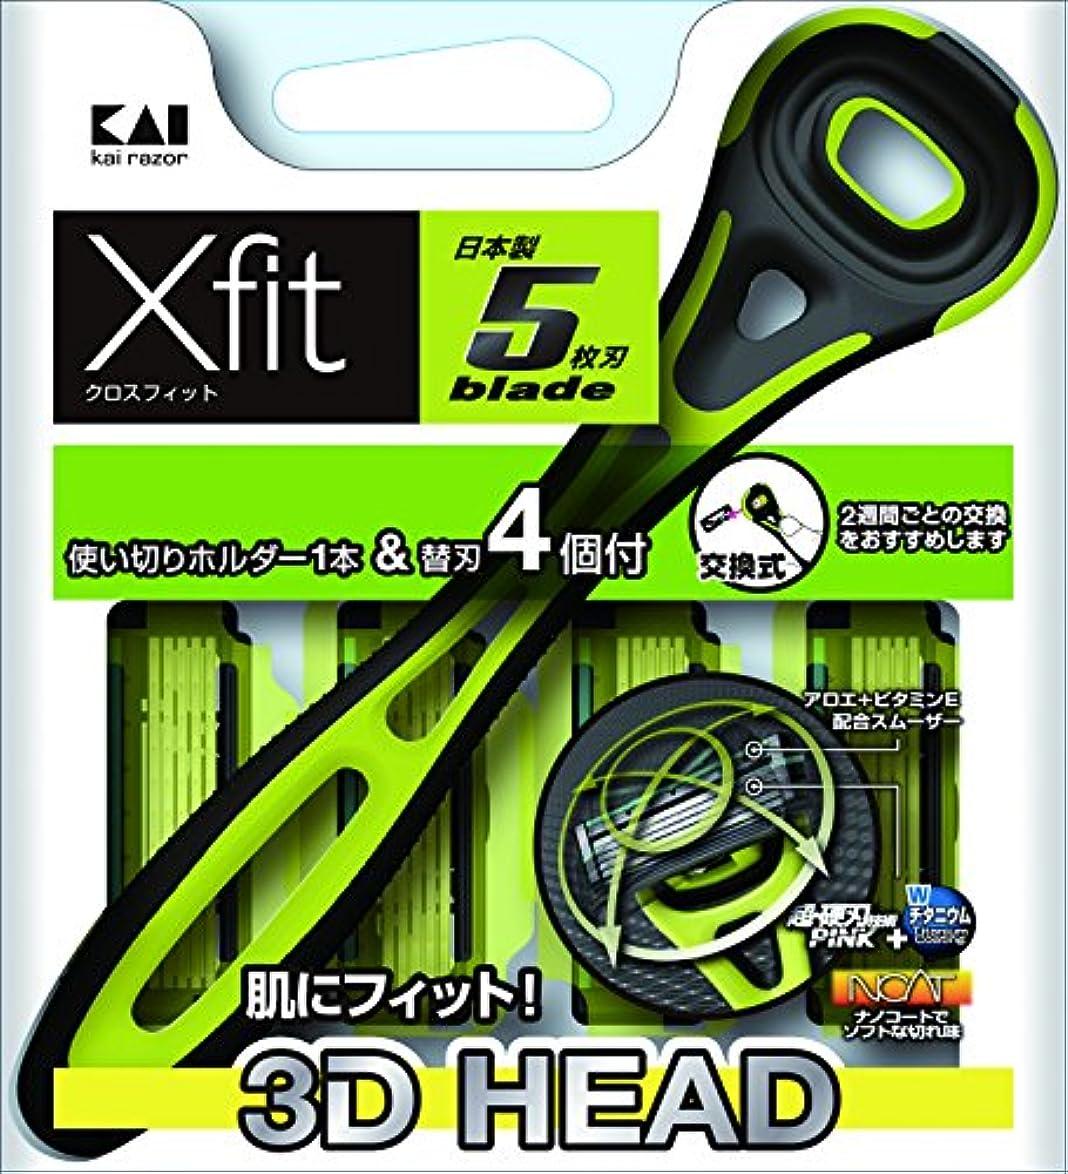 返済ボート雰囲気Xfit(クロスフィット)5枚刃 クリアパッケージ 使い切りホルダー+替刃4個